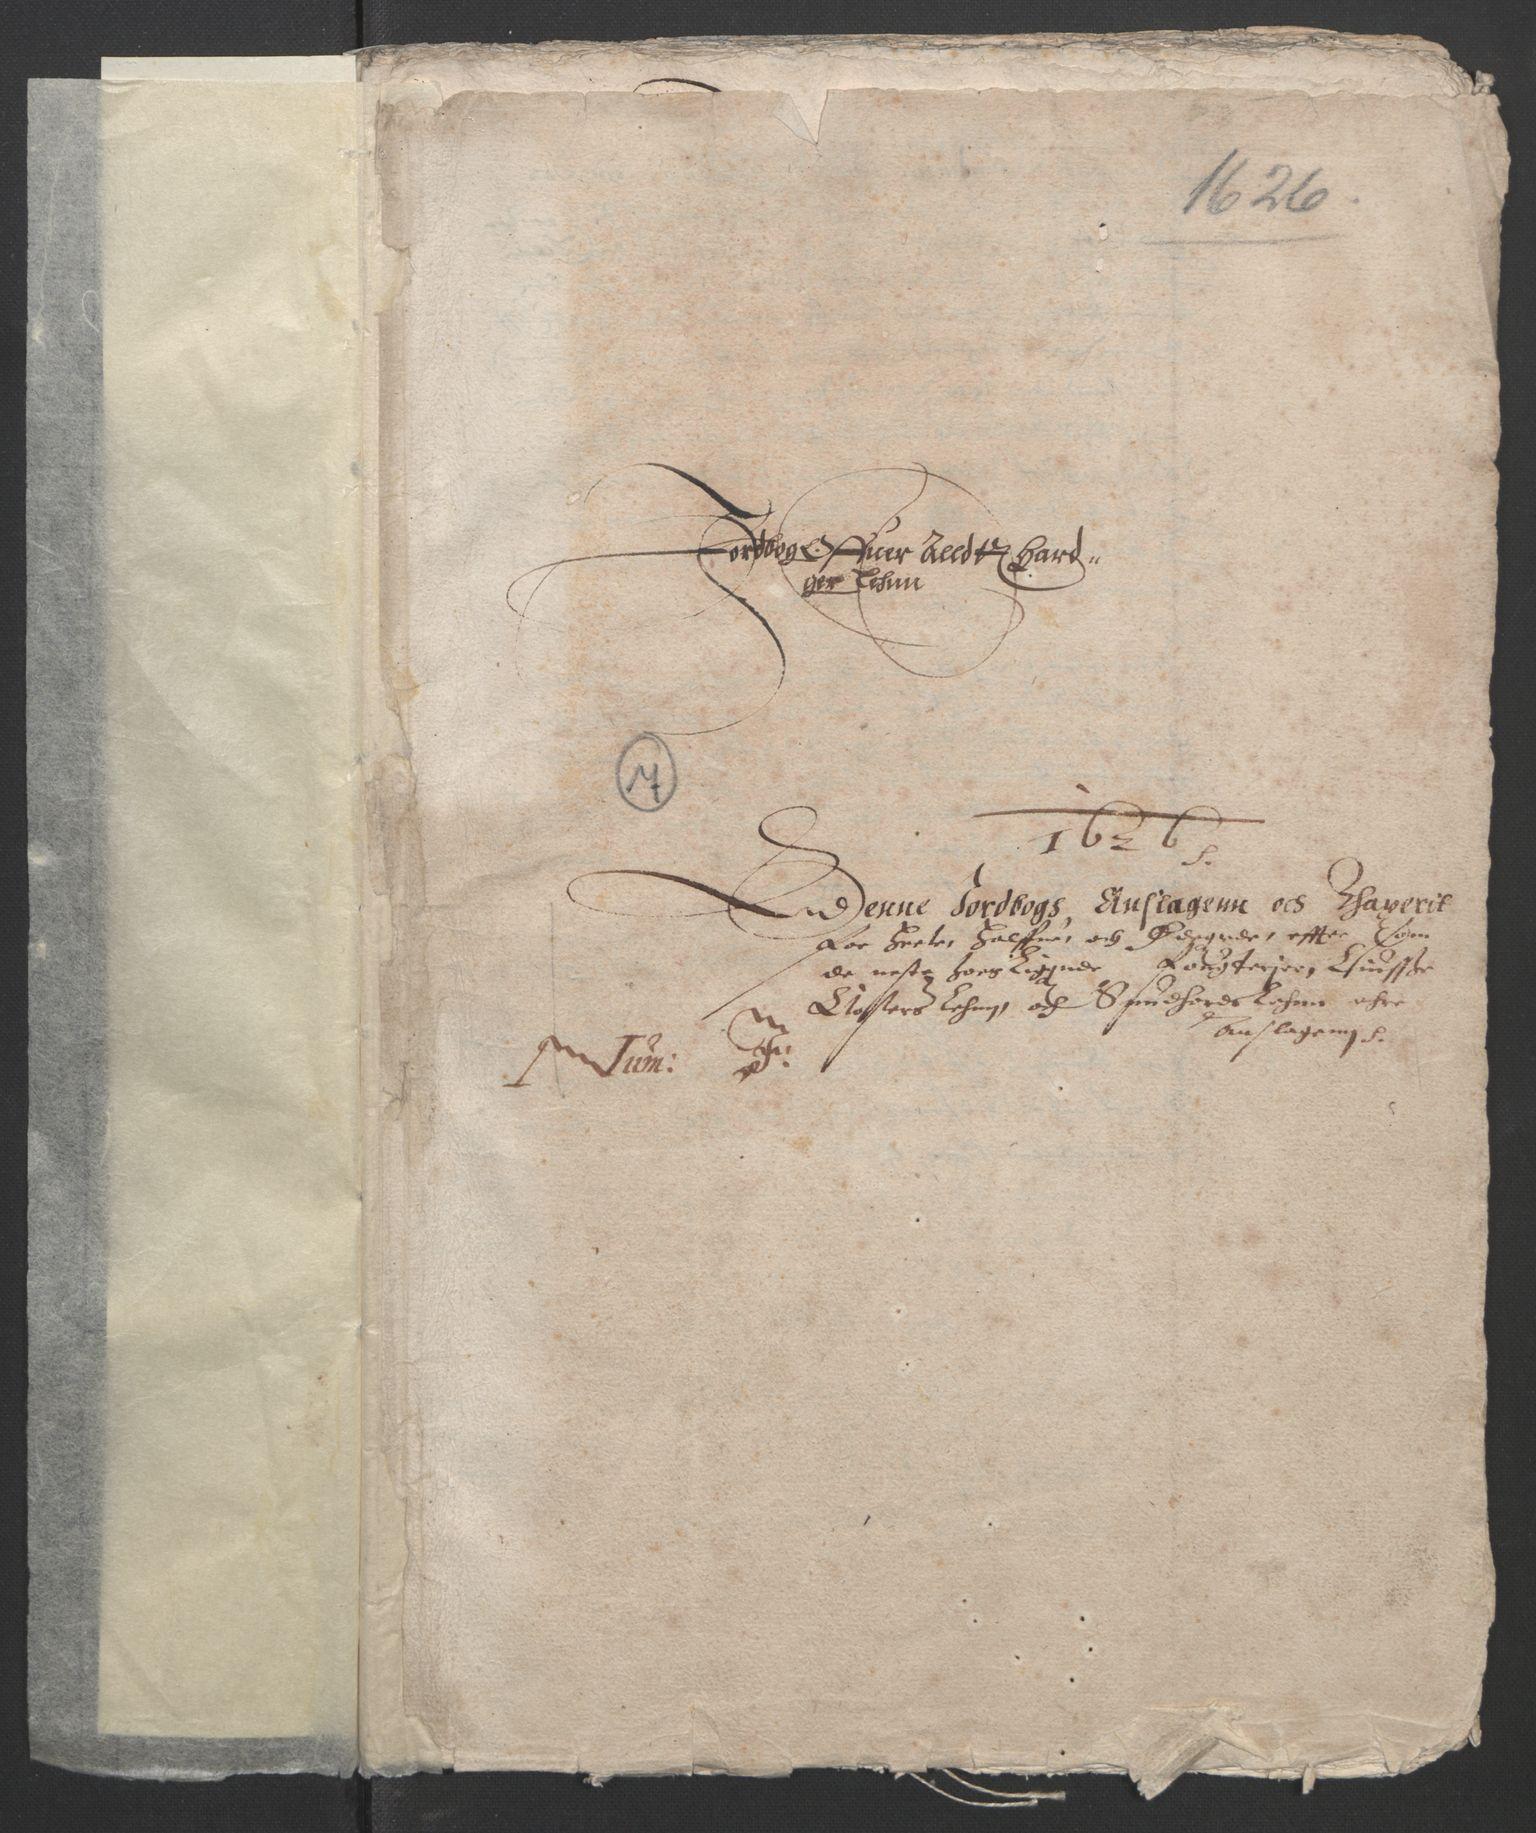 RA, Stattholderembetet 1572-1771, Ek/L0004: Jordebøker til utlikning av garnisonsskatt 1624-1626:, 1626, s. 229